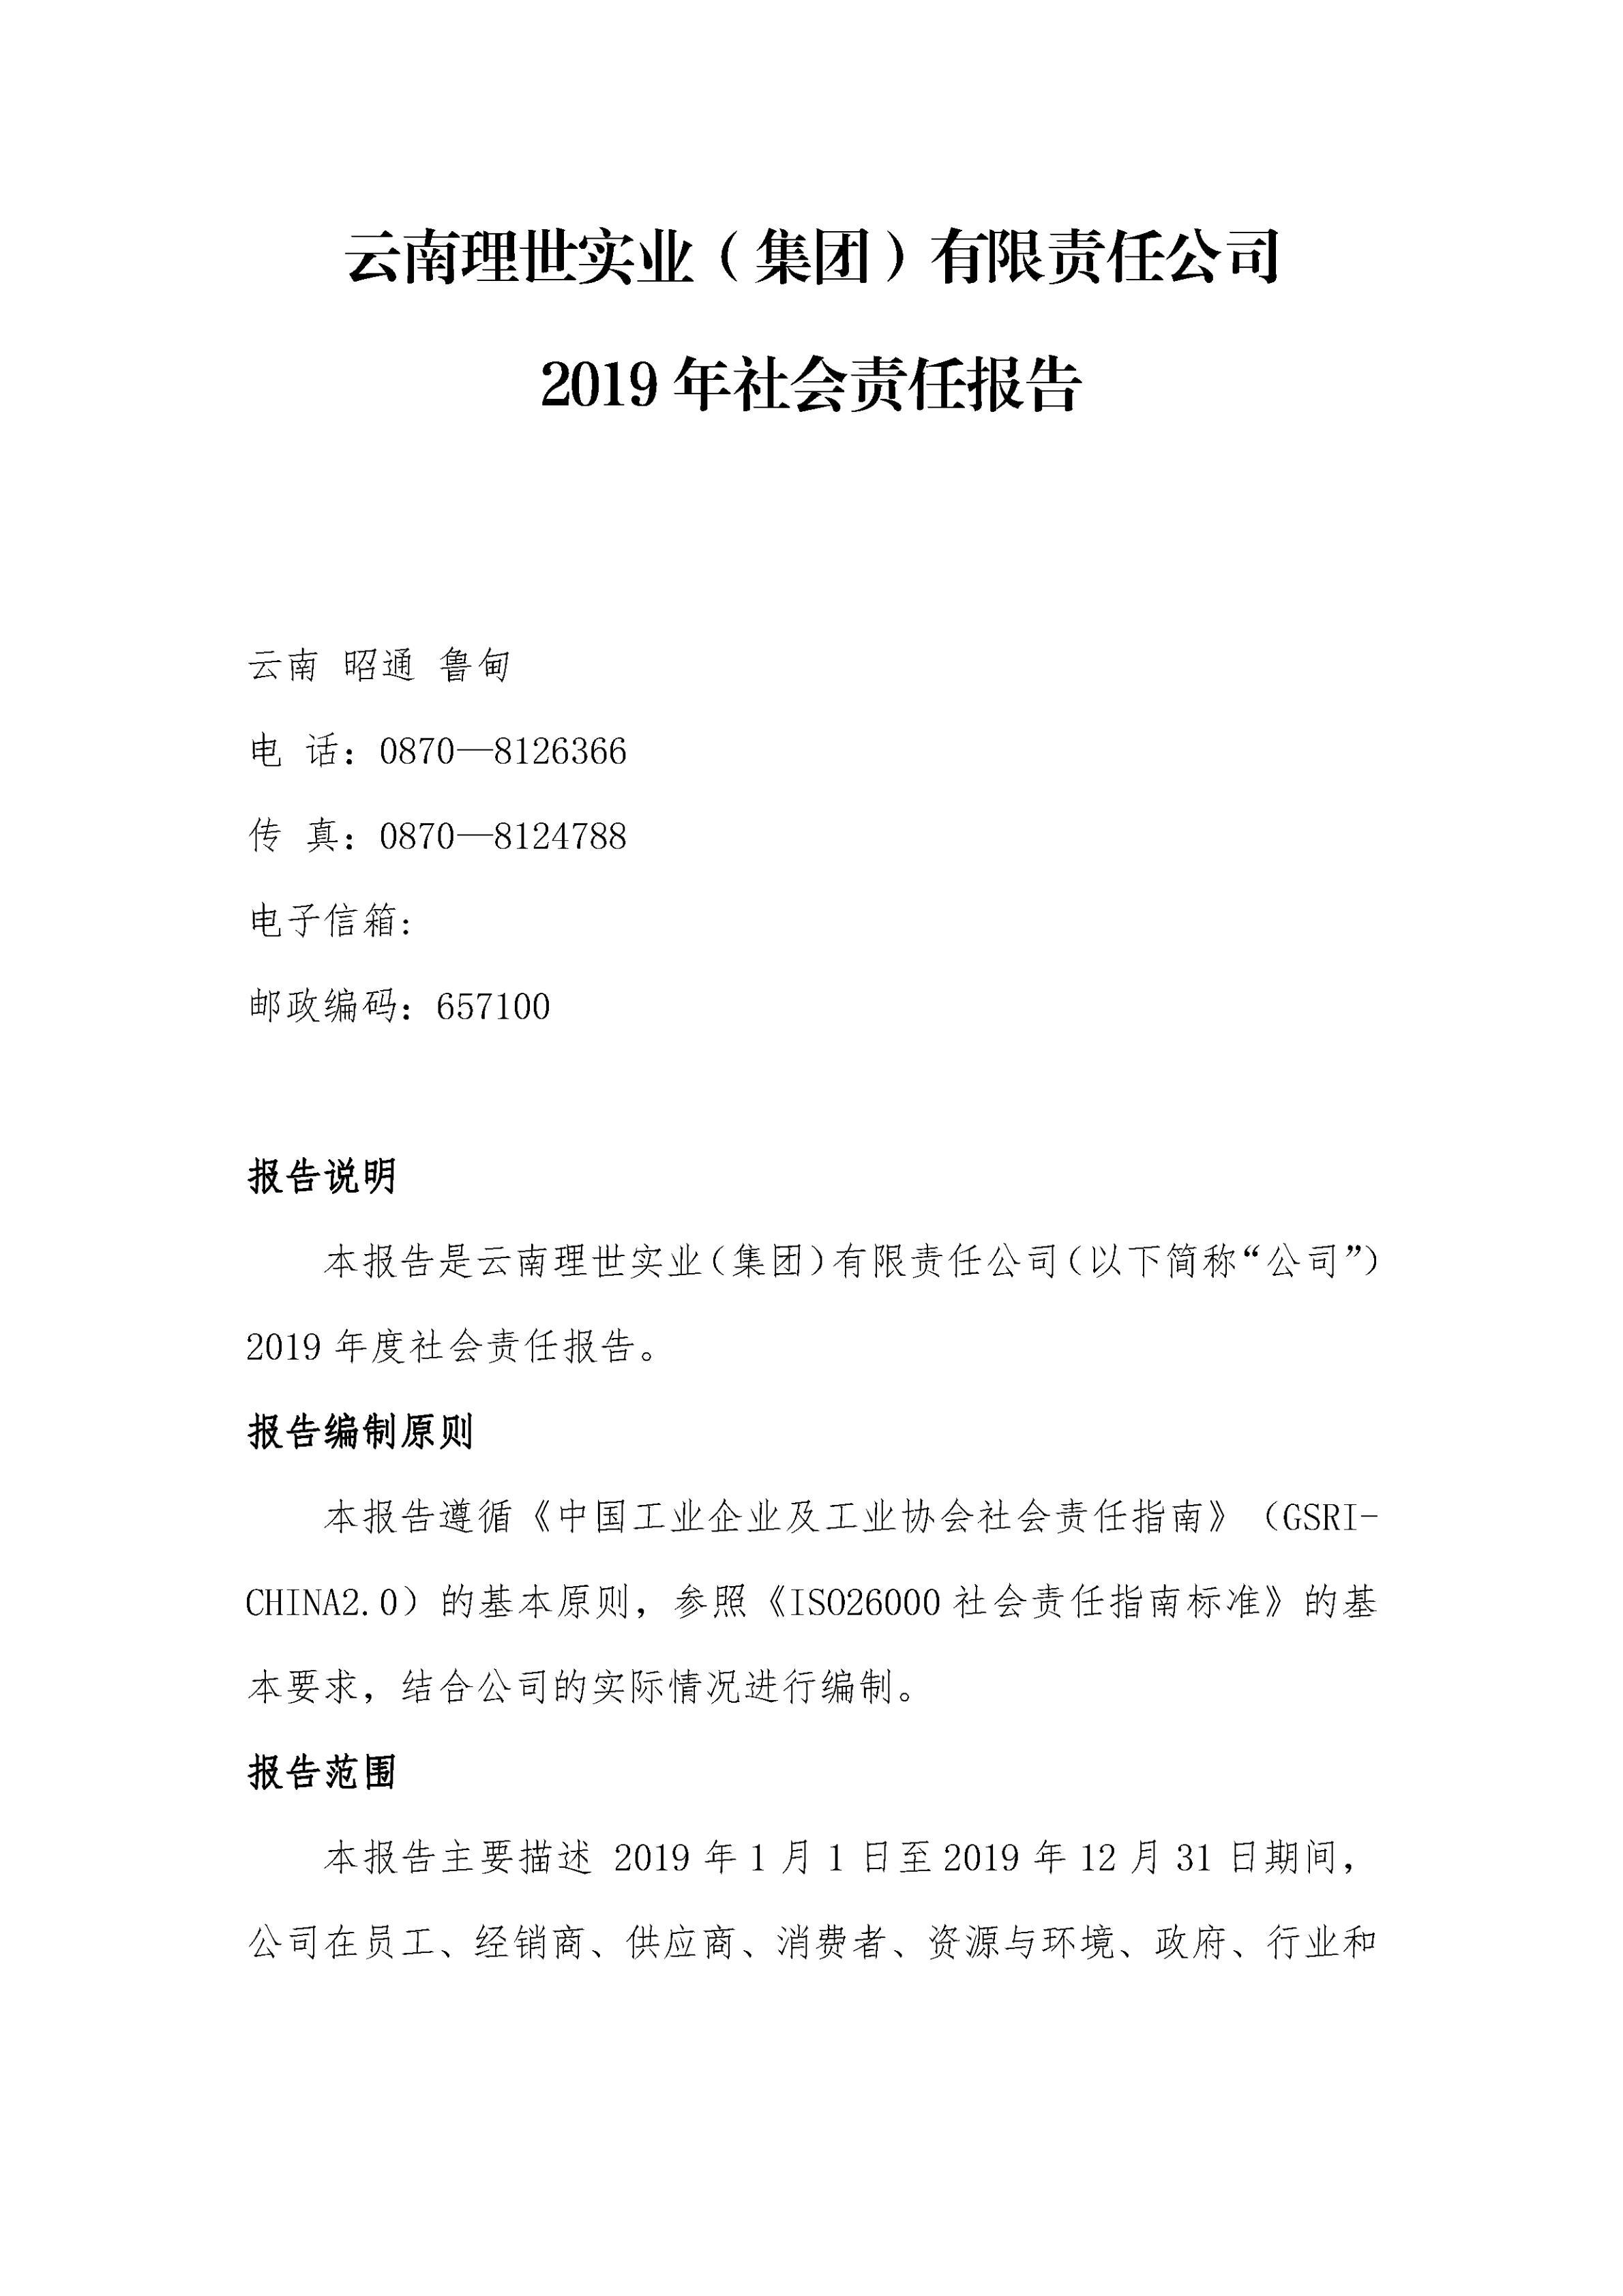 云南理世实业(集团)有限责任公司2019年社会责任报告.FR11_00.jpg